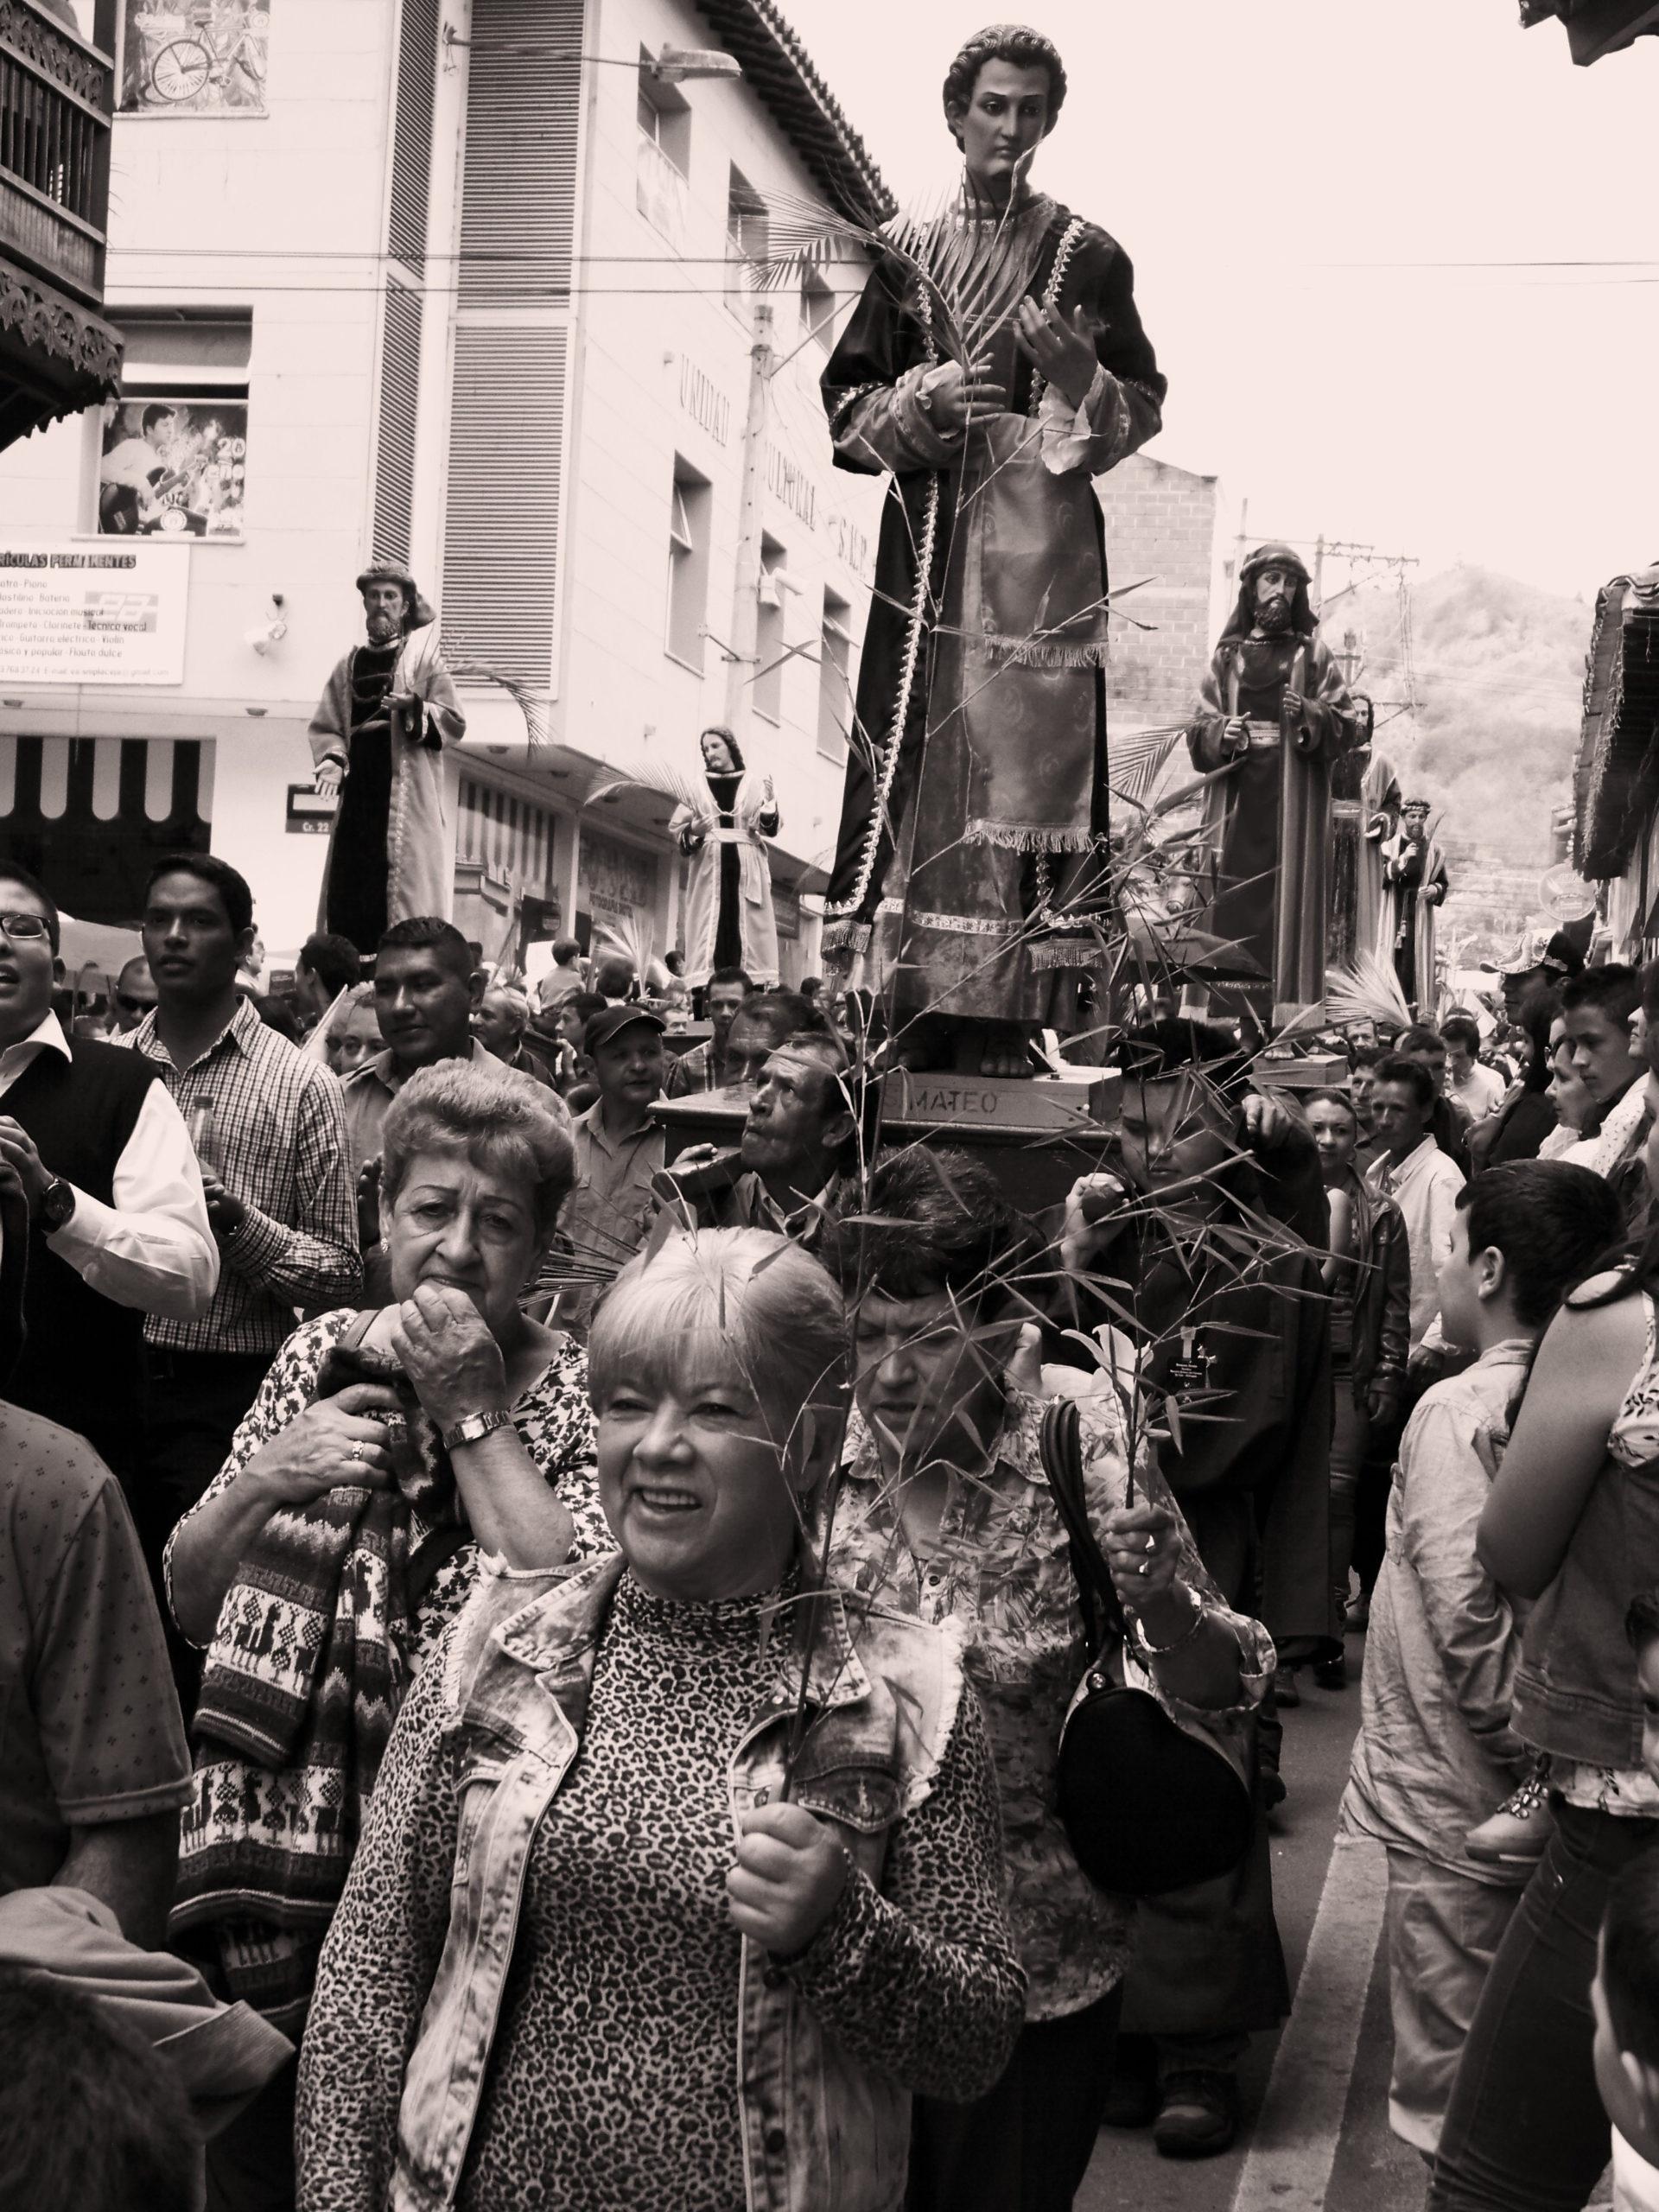 Palmová neděle je ve znamení soch apoštolů doprovázejících Ježíše. Průvod právě kráčí hlavní třídou města. La Ceja, Kolumbie.